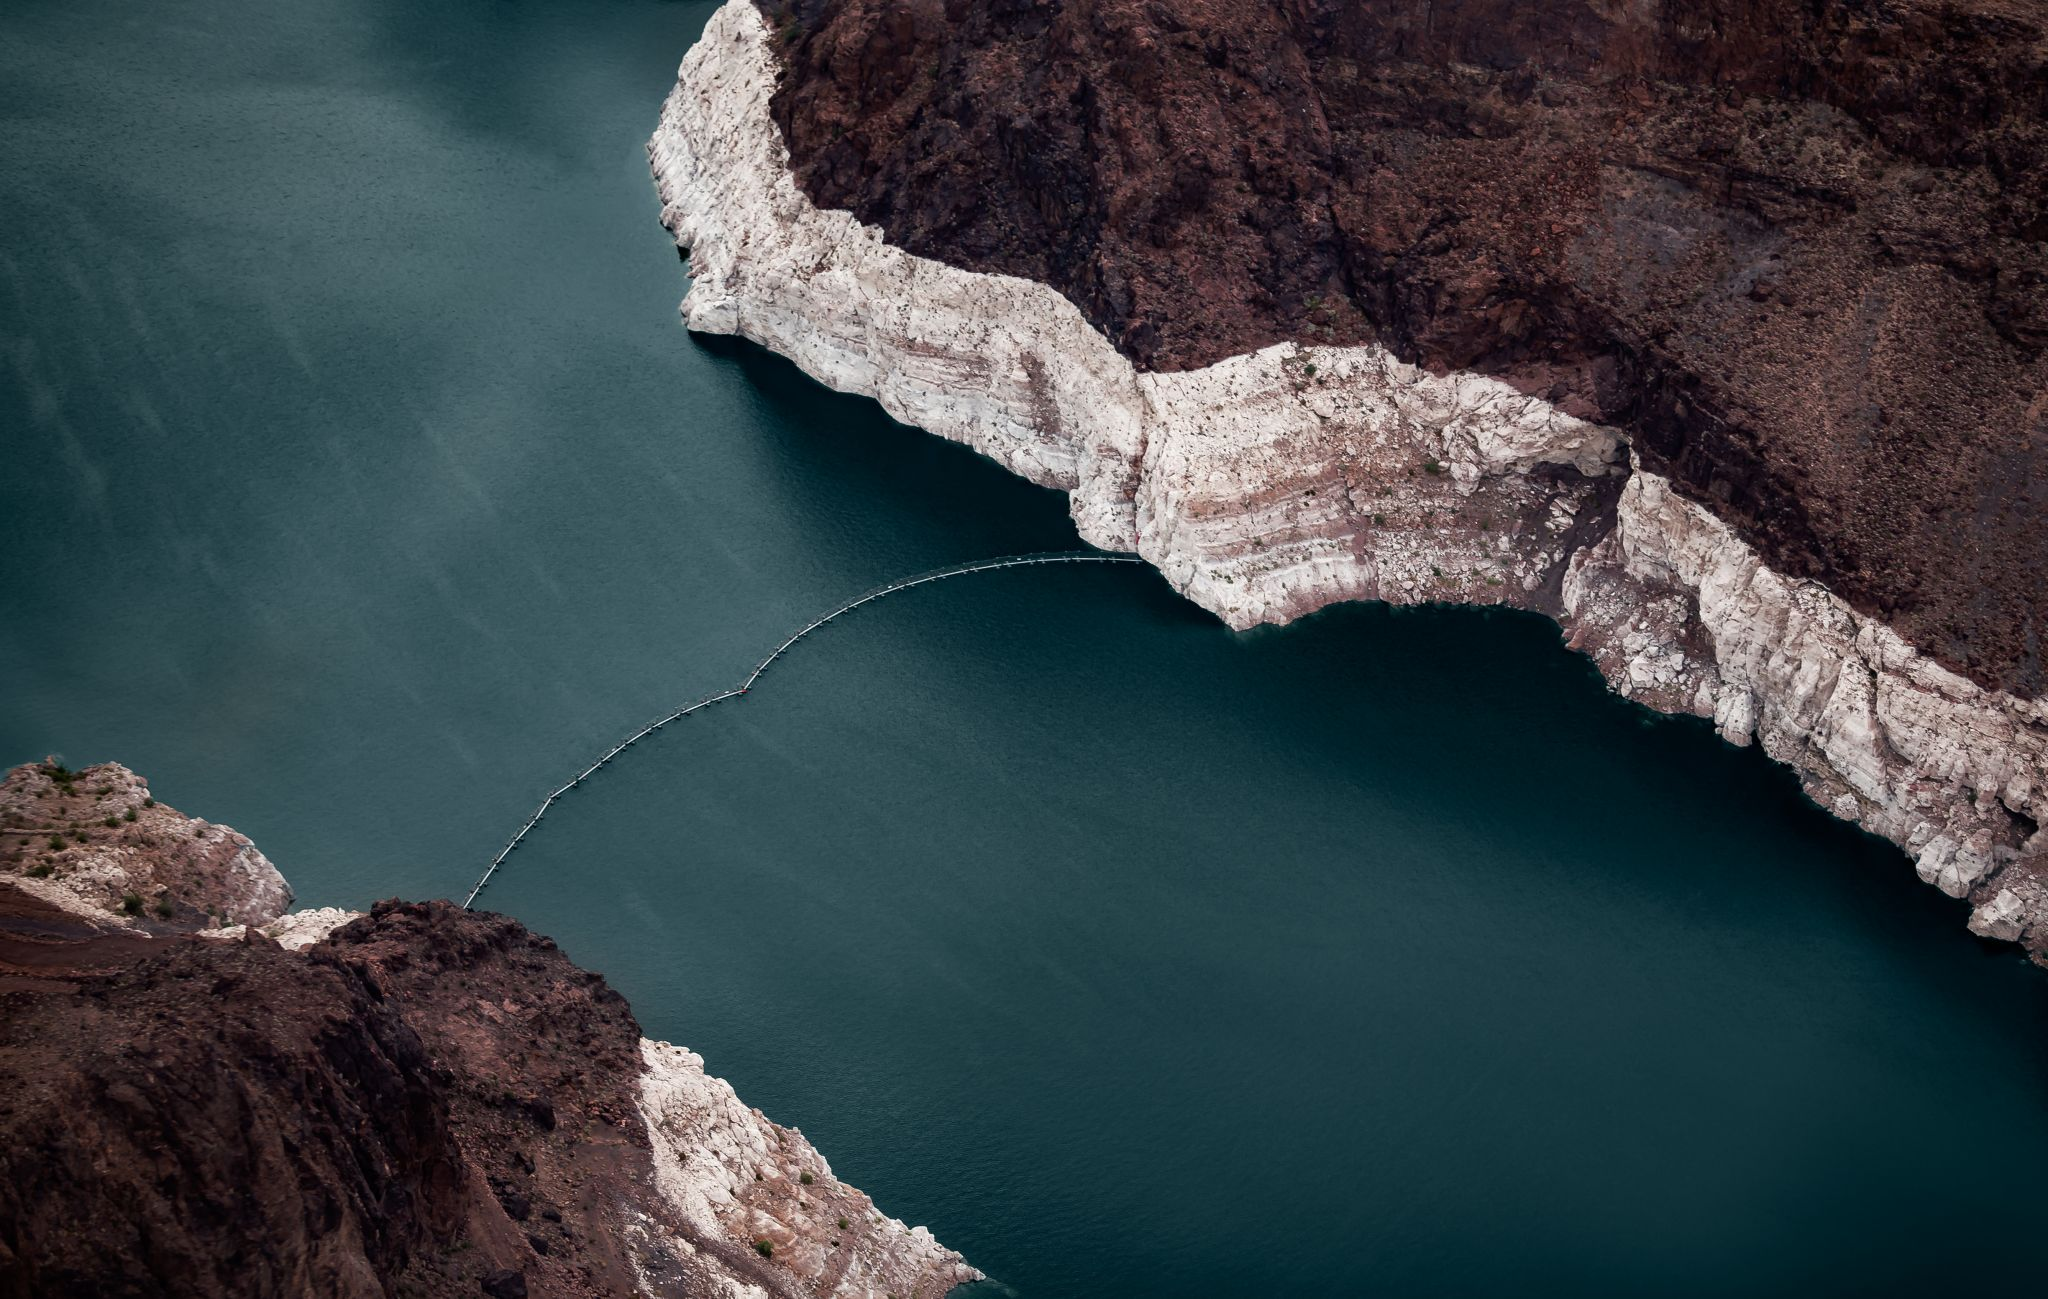 Lake Mead Nevada, USA